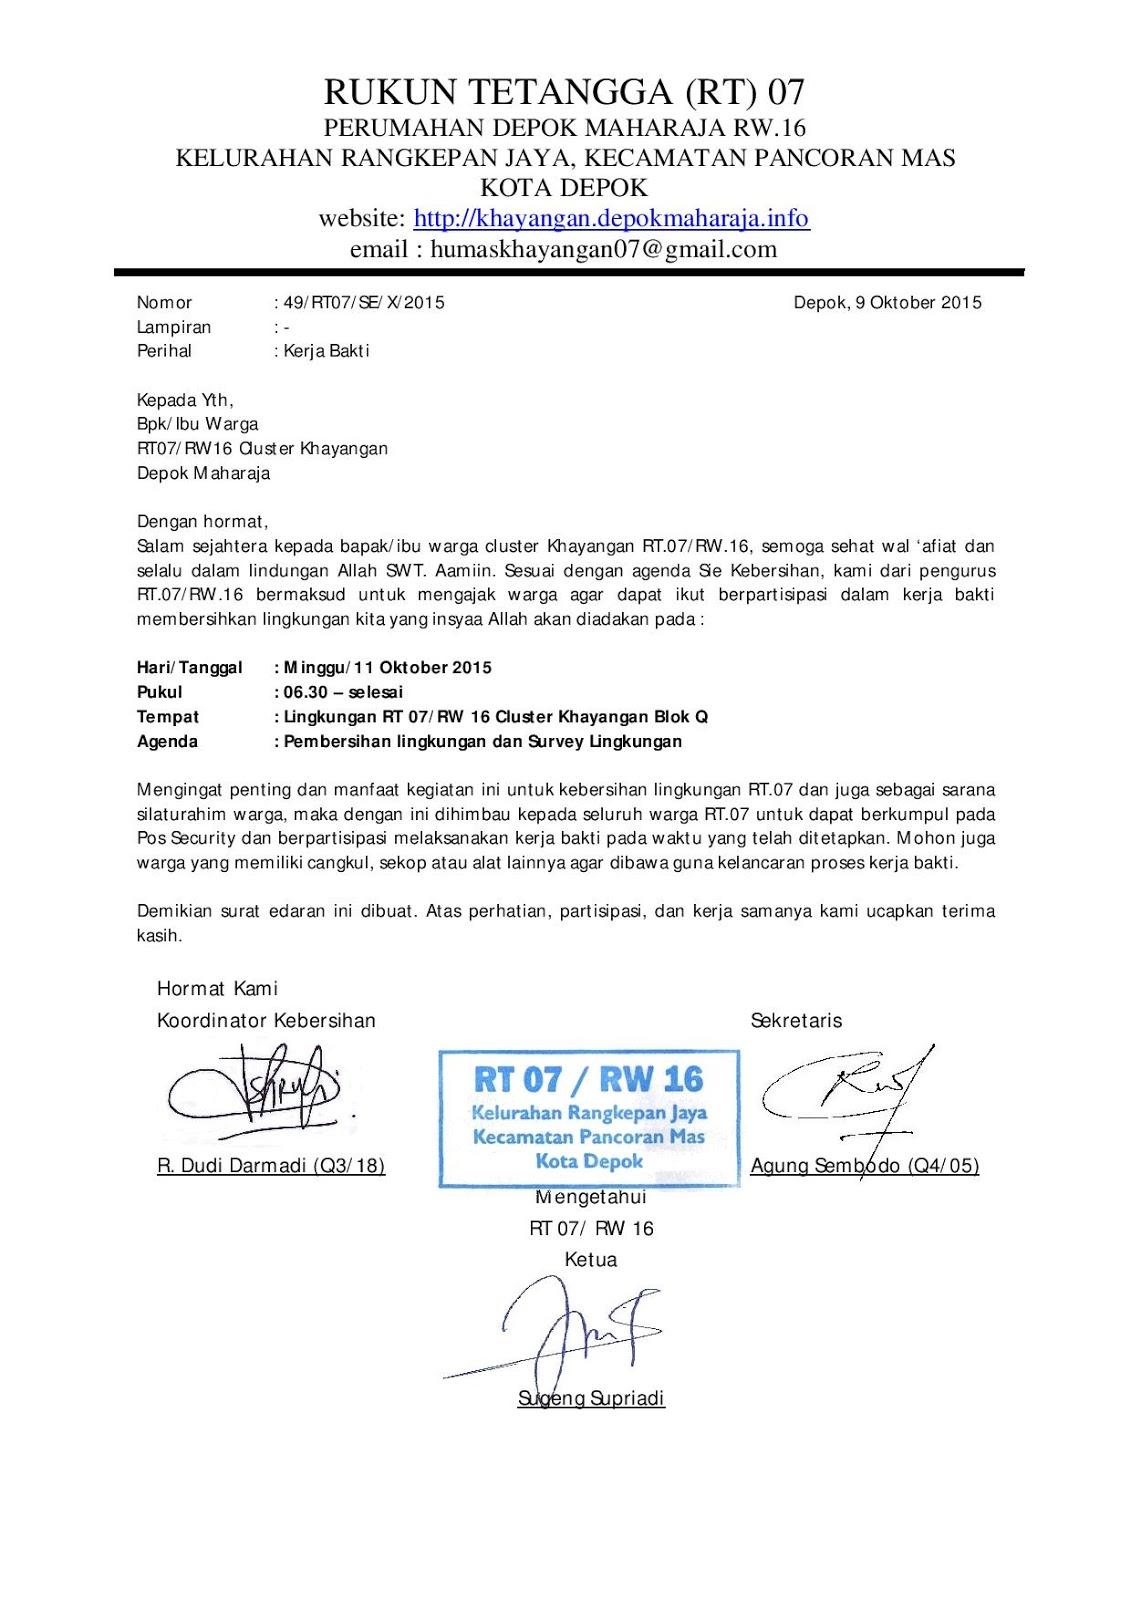 Undangan Kerja Bakti Hari Minggu Tanggal 11 Oktober 2015 Depok